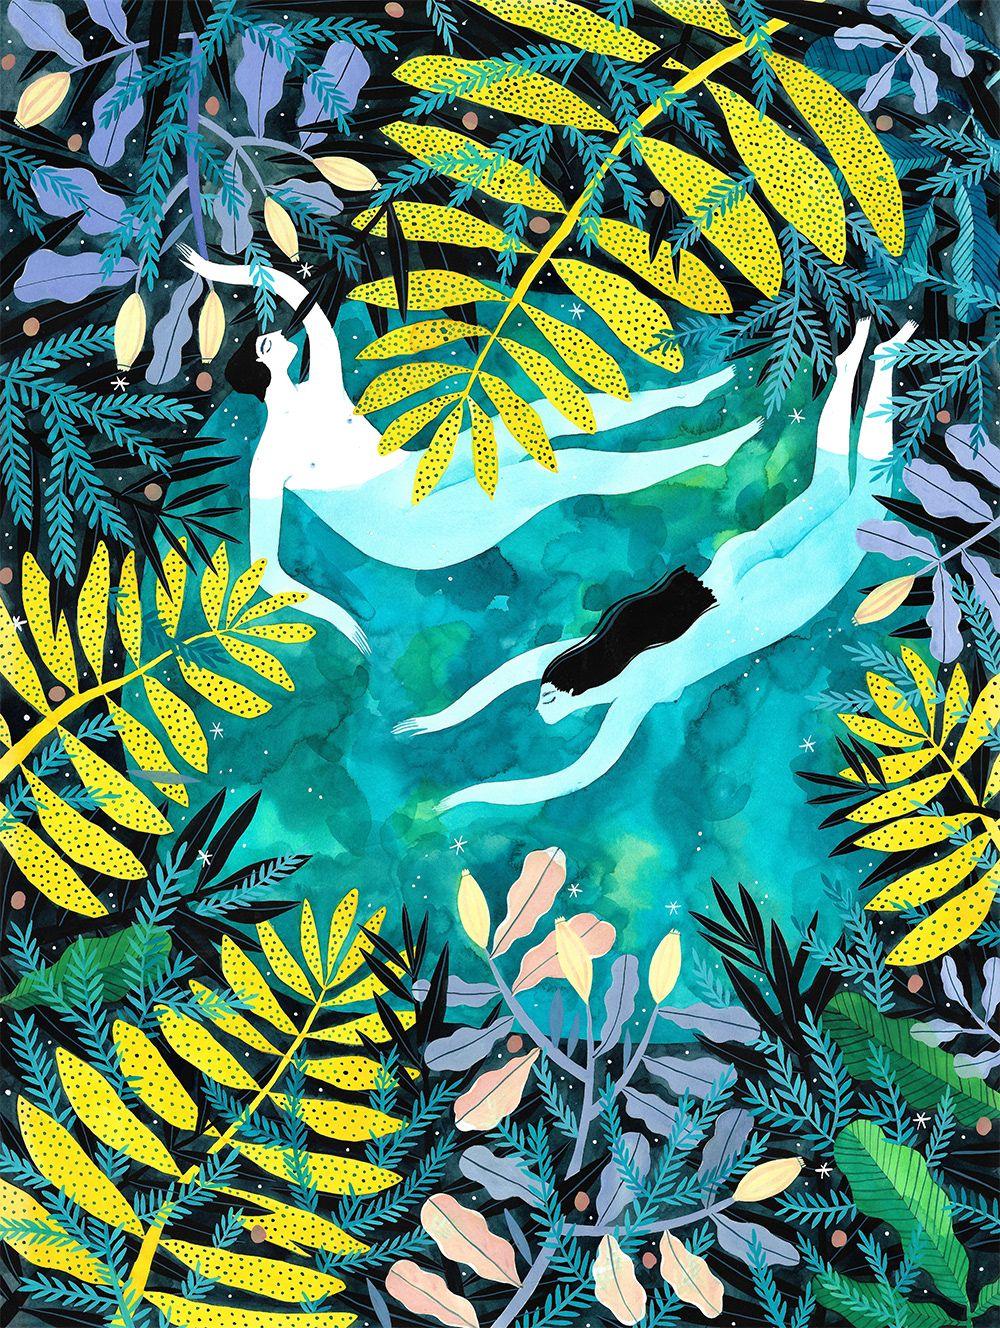 madalina andronic - Nightswimming